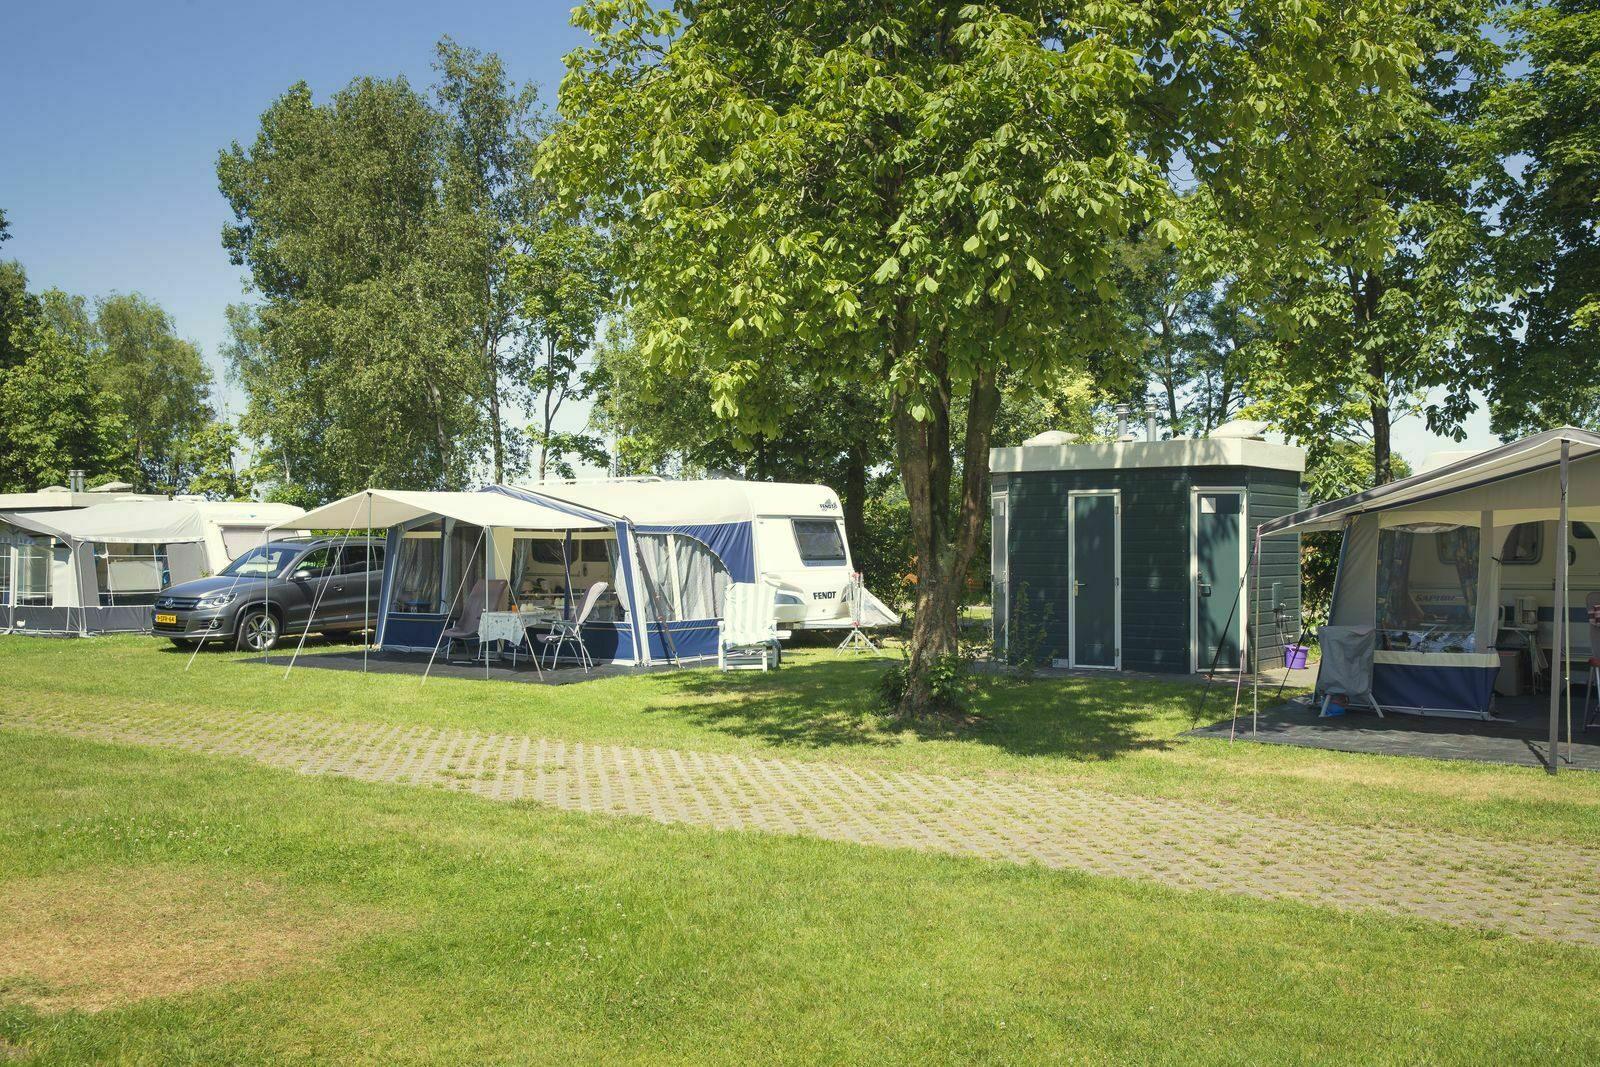 1 week kamperen tijdens de Reggestreek Fiets4daagse van 27 augustus tot 3 september 2022 excl. halfpension